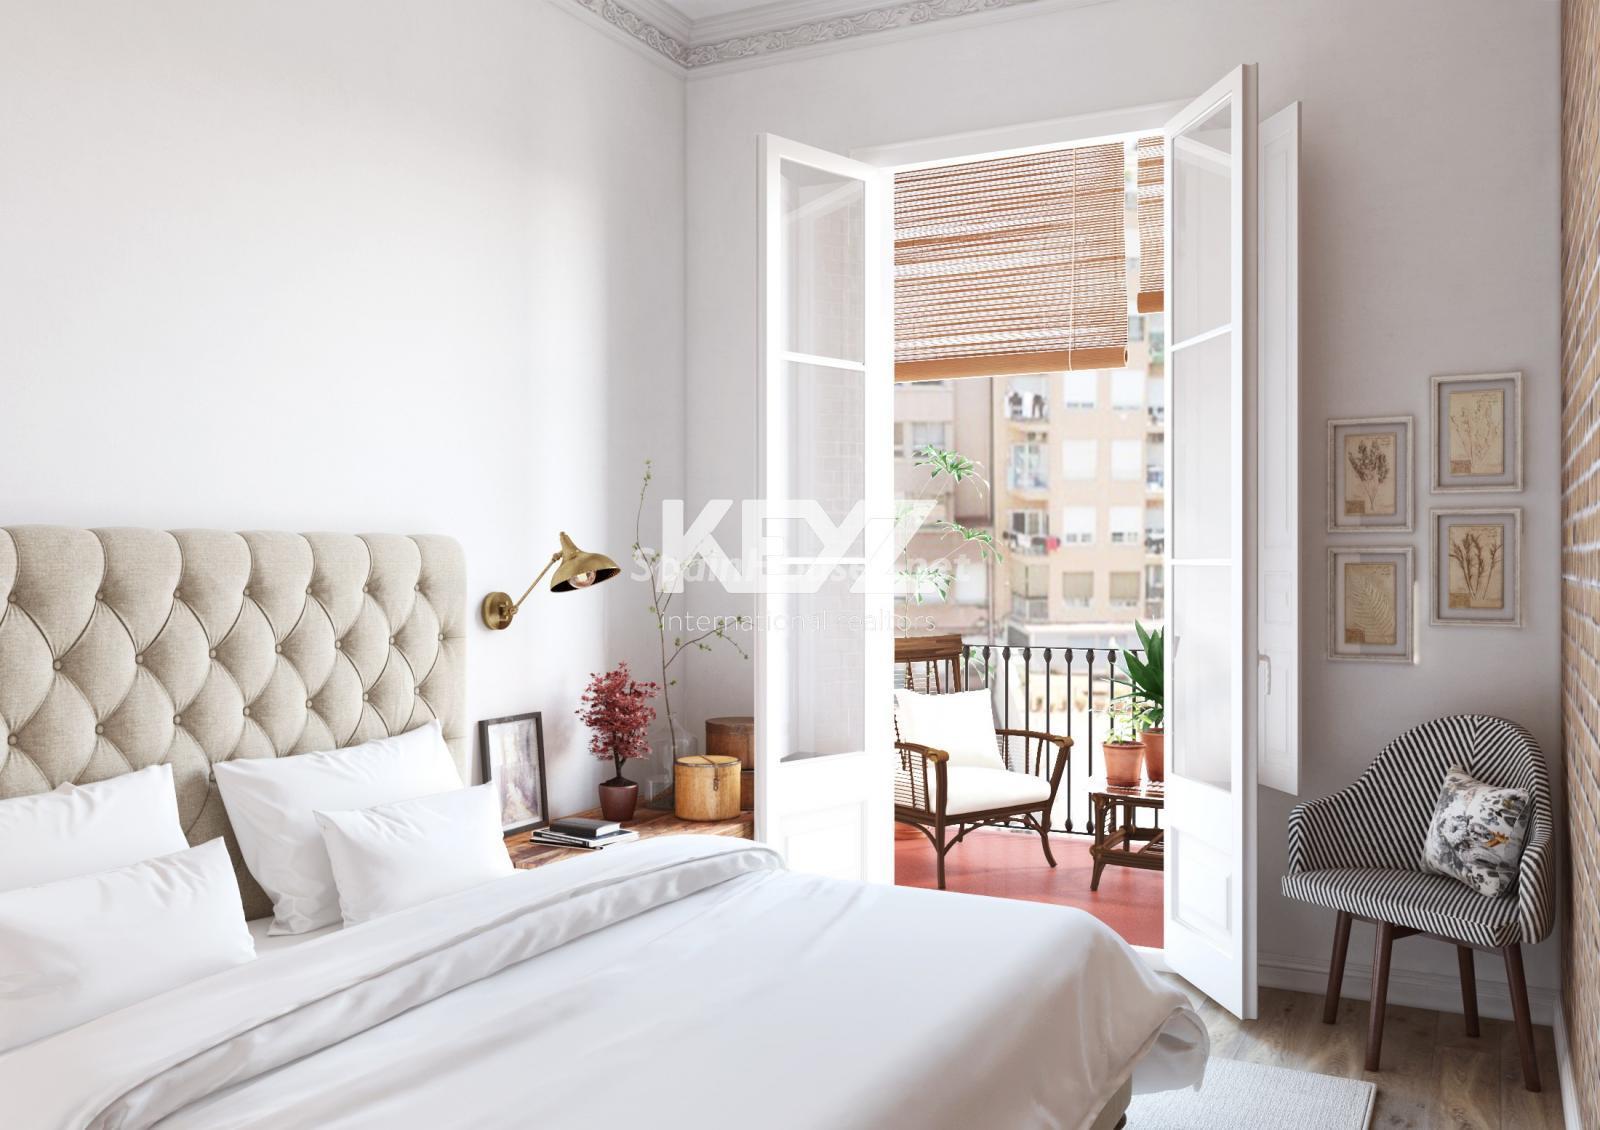 65057482 2119298 foto 927970 - Mini-dormitorios con mucho estilo y funcionalidad